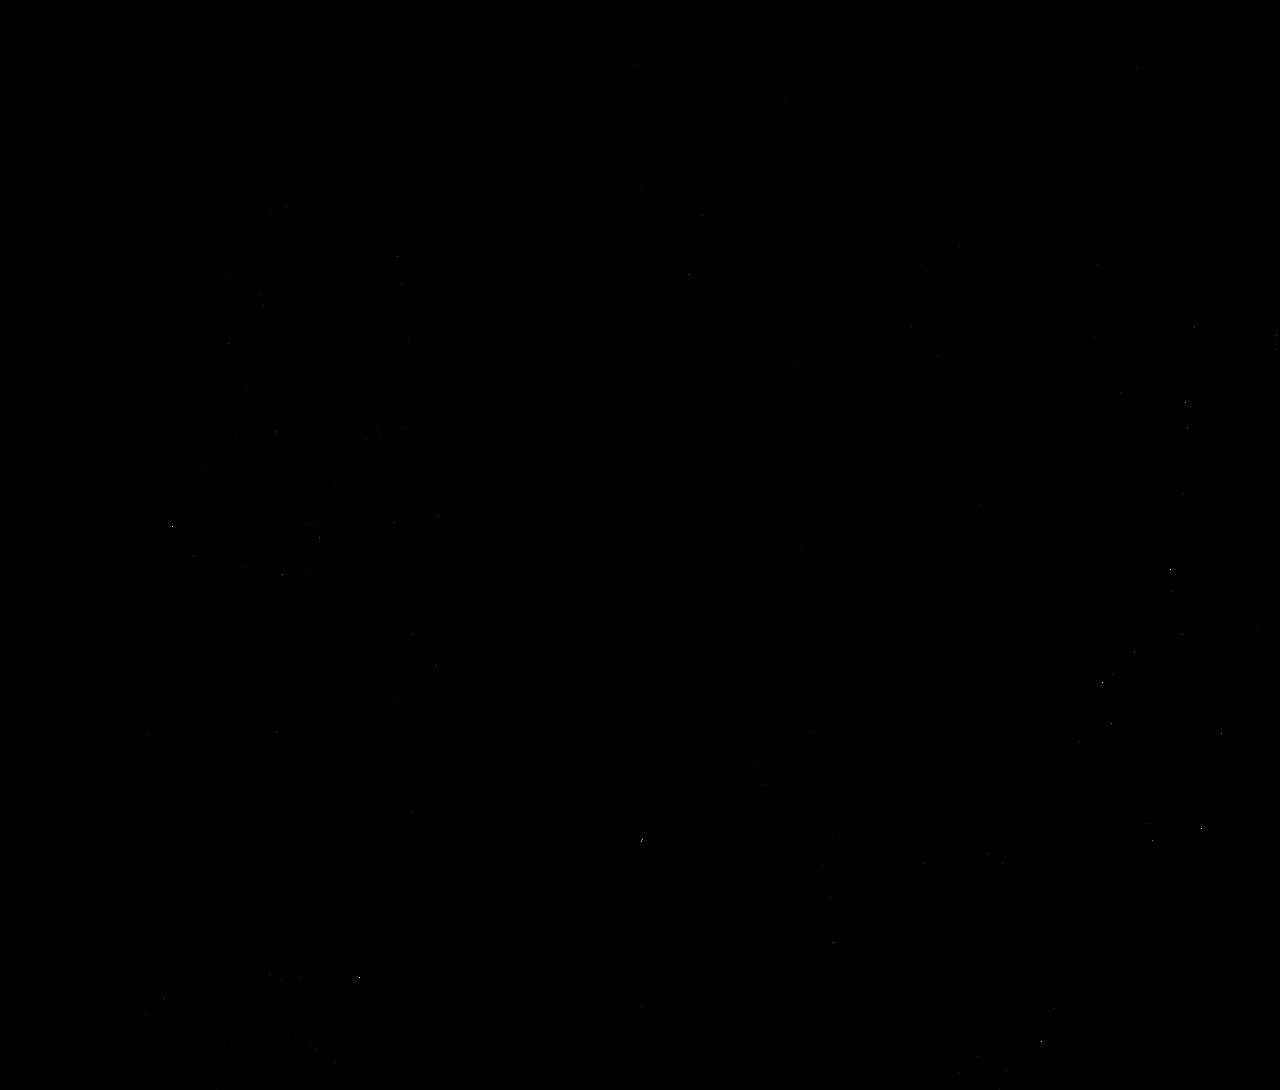 Naruto Shippuden Lineart : Lineart de hinata ending naruto shippuden by